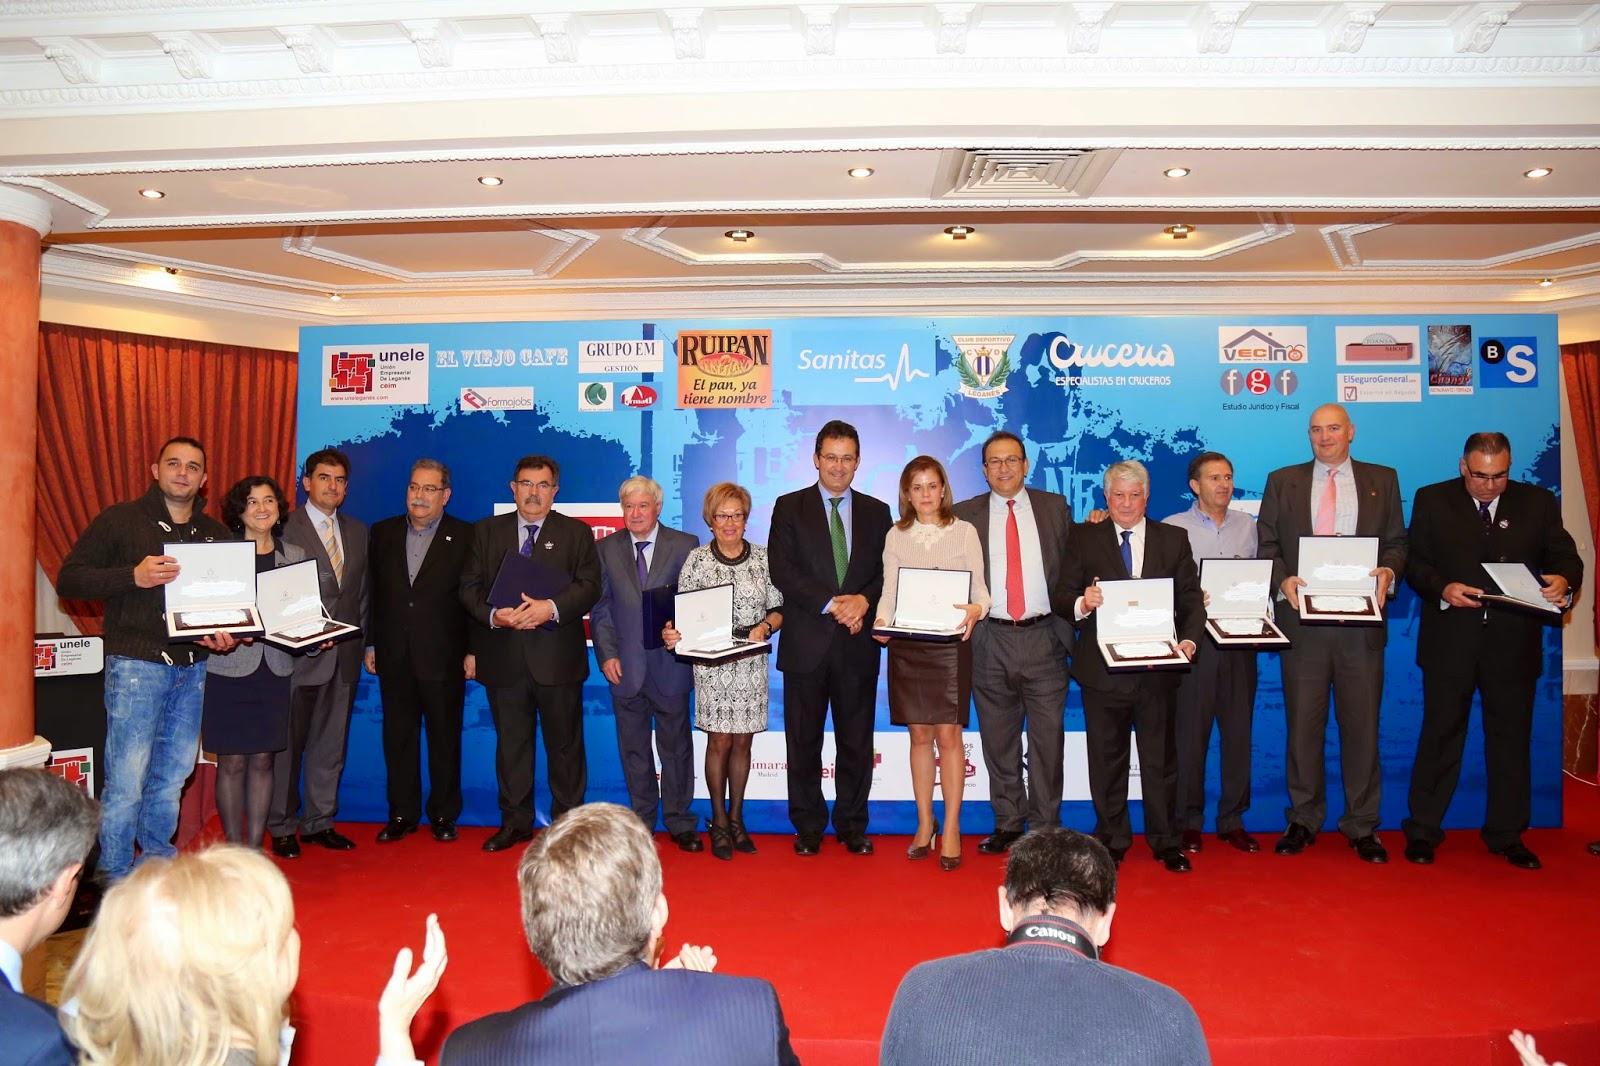 95bbbbb98b0ba La Unión Empresarial de Leganés (UNELE) entregó el miércoles 10 de  diciembre de 2014 los  IV Premios Empresariales Ciudad de Leganés .